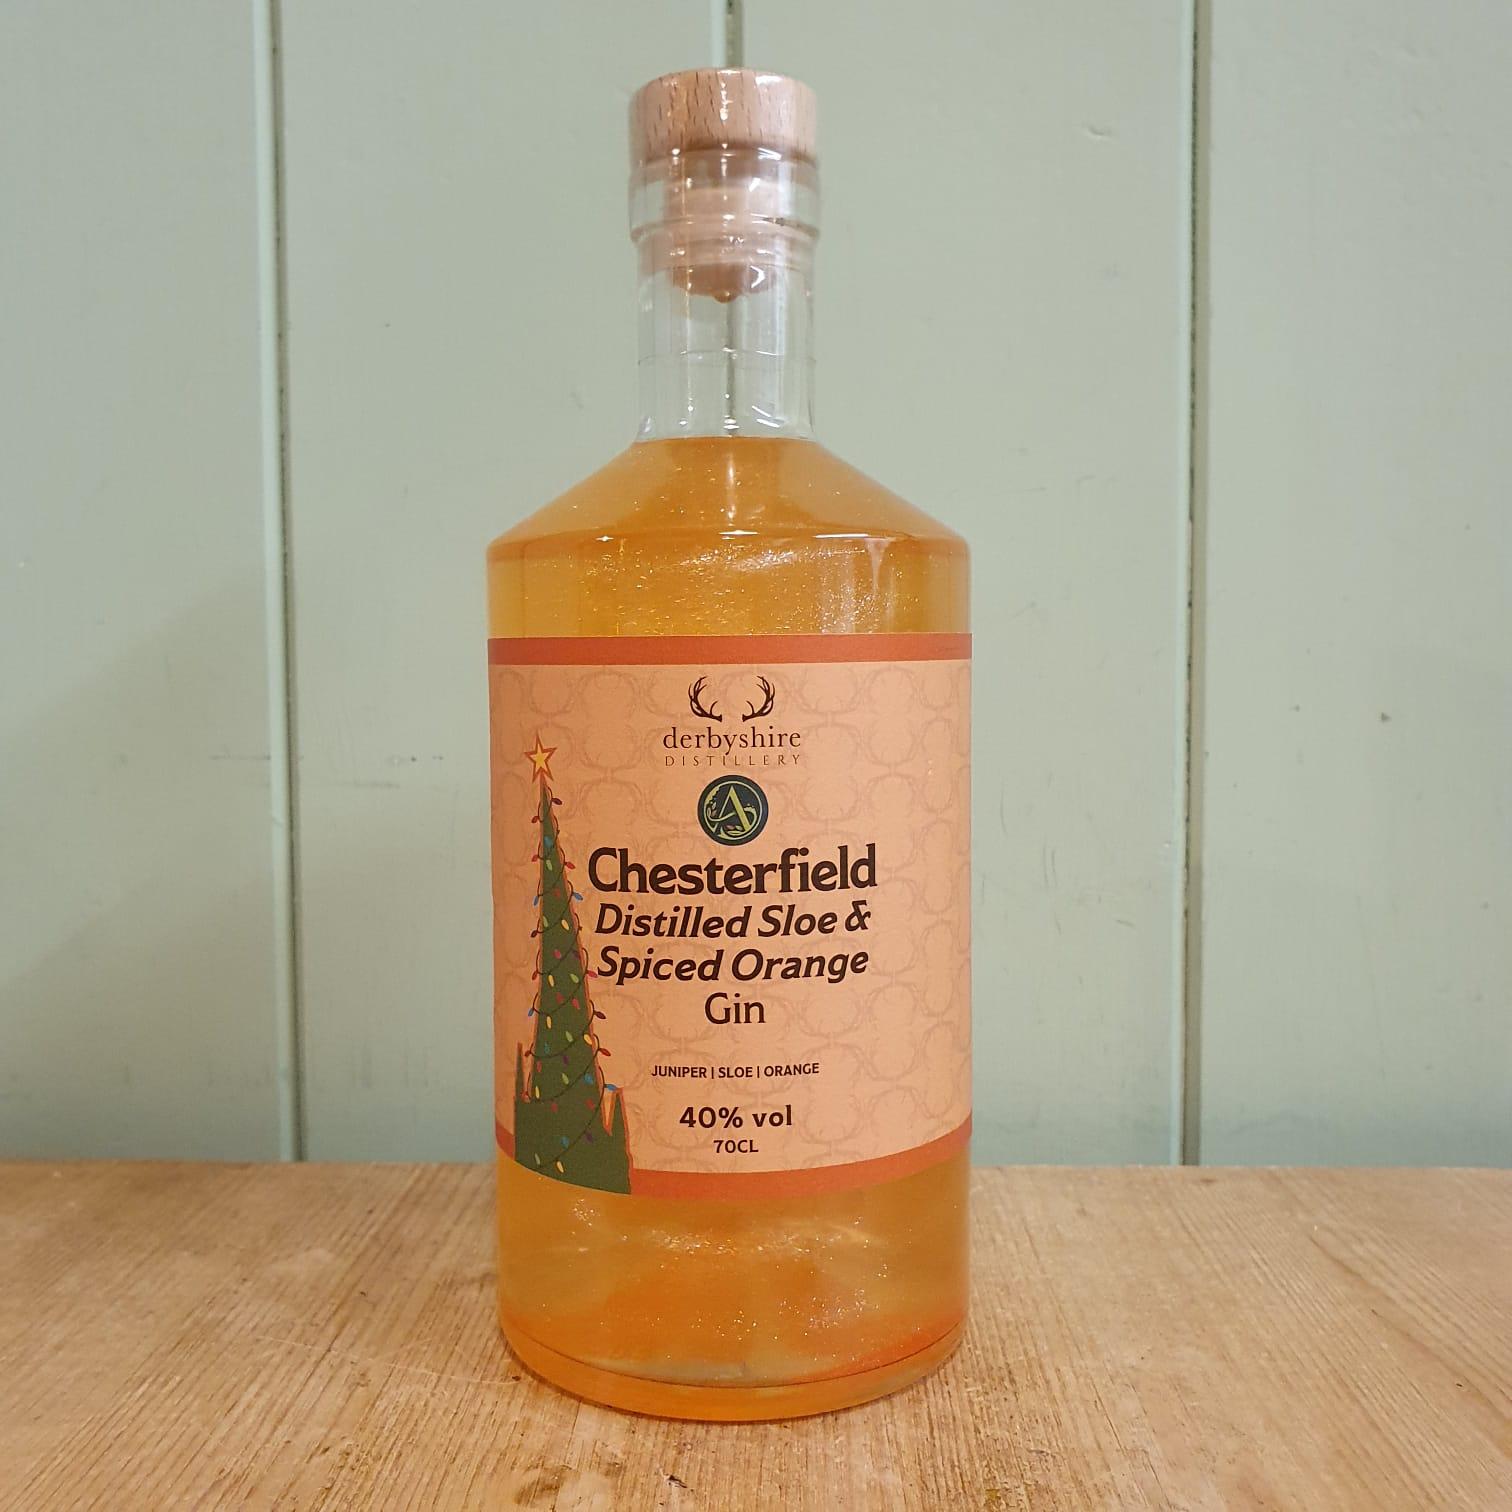 Derbyshire Distillery - Chesterfield Gin Orange Festive Blend 70cl